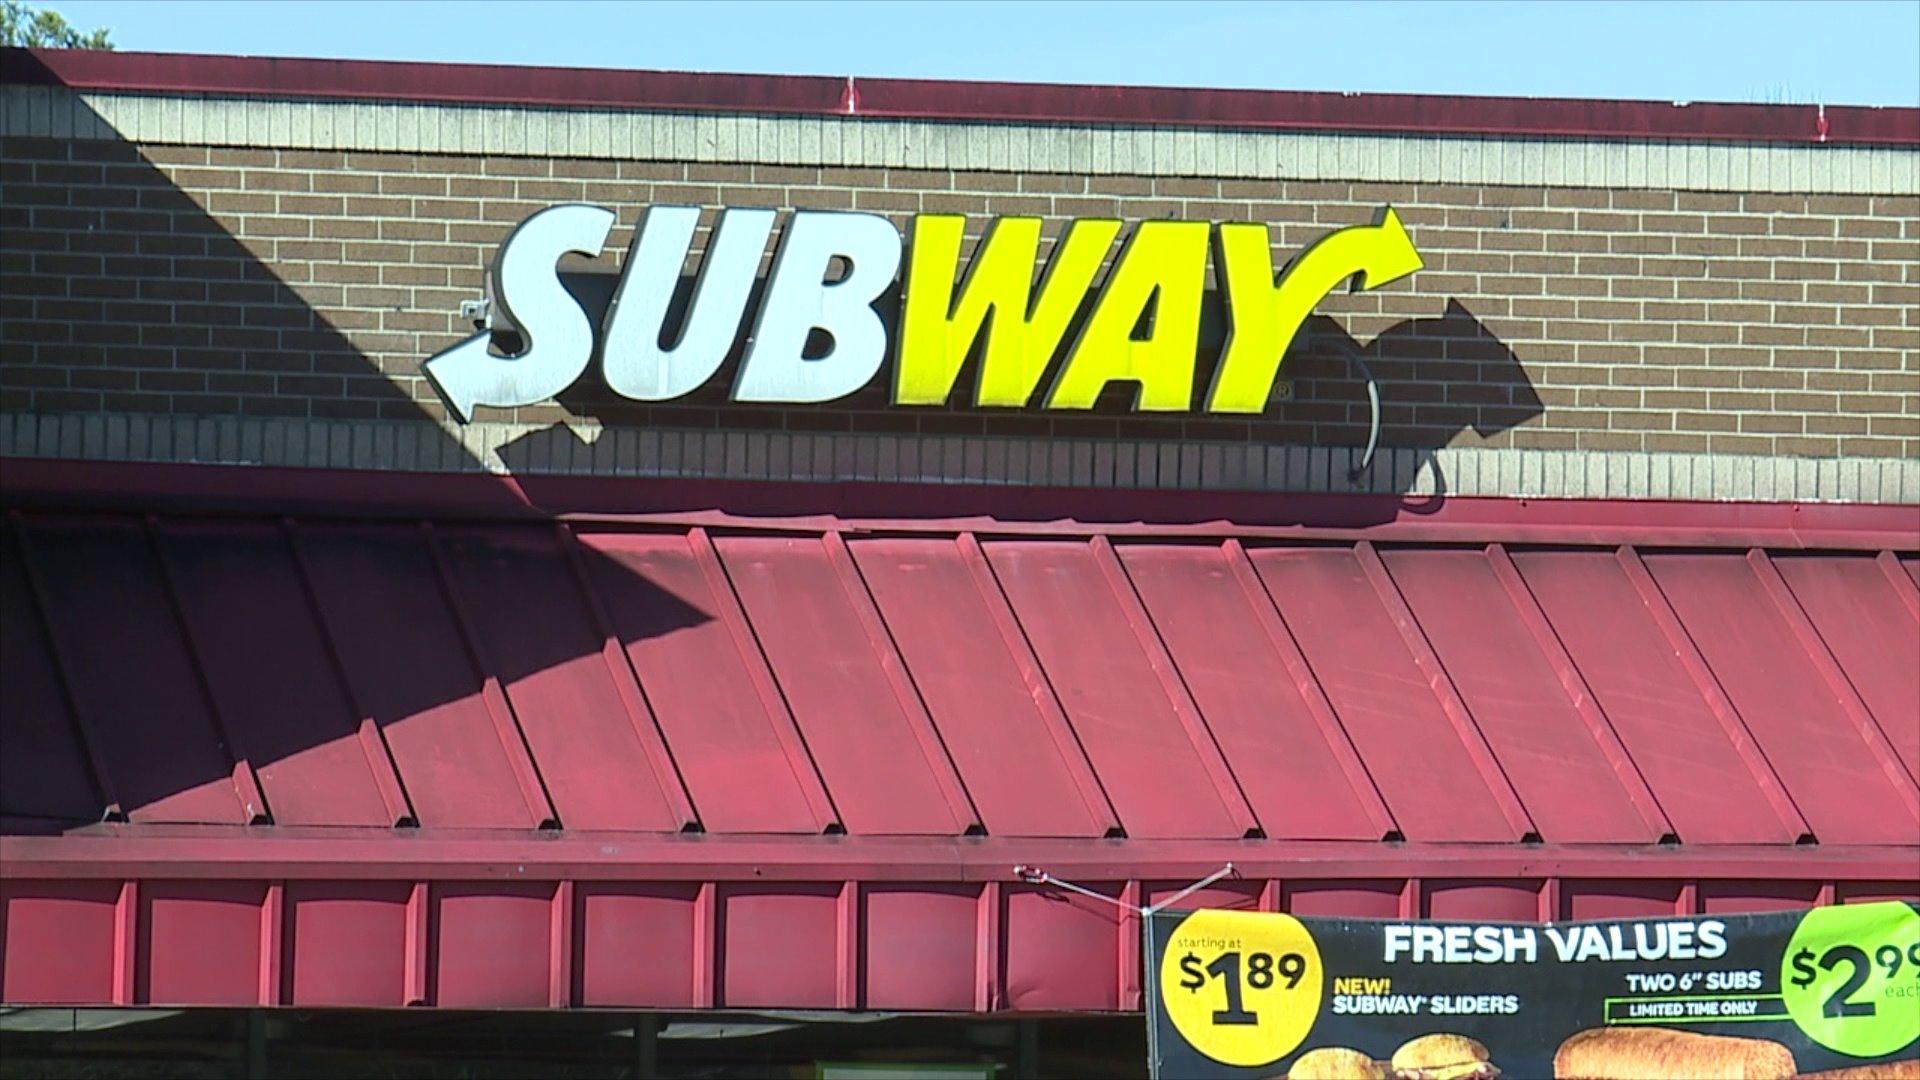 Subway in Greensboro robbed at gunpoint